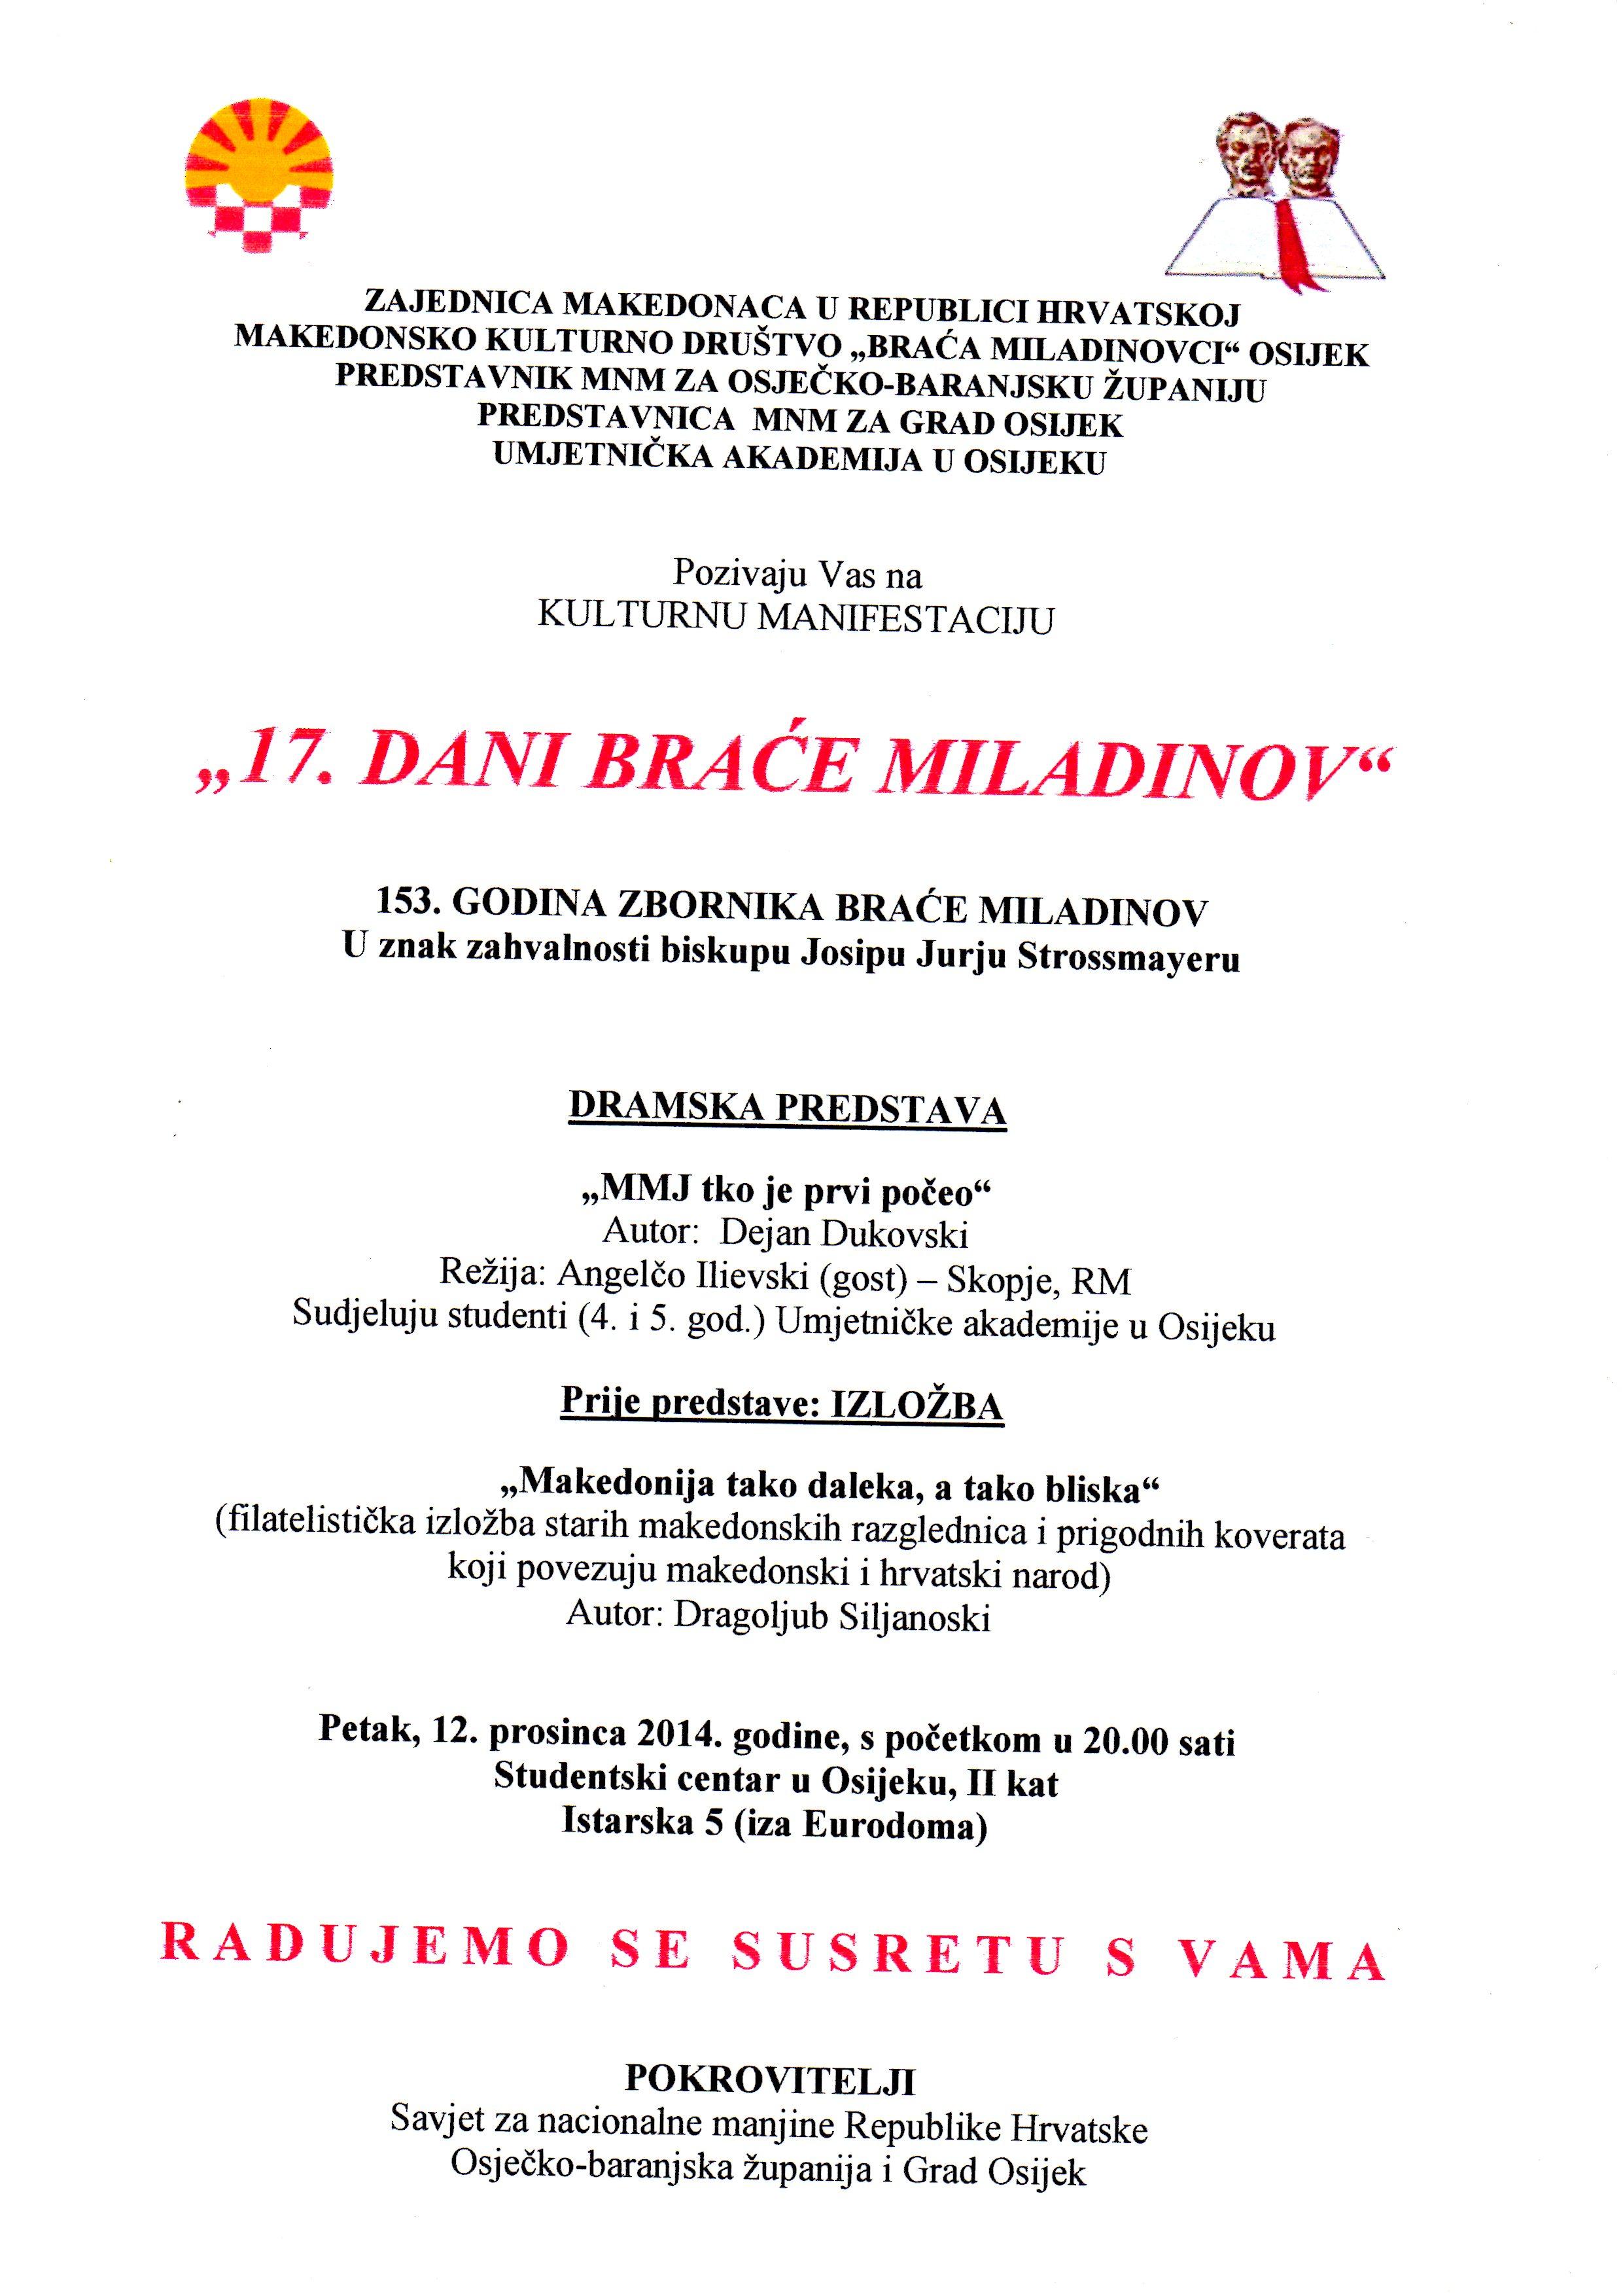 Pozivnica: 17. Dani braće Miladinov u Osijeku